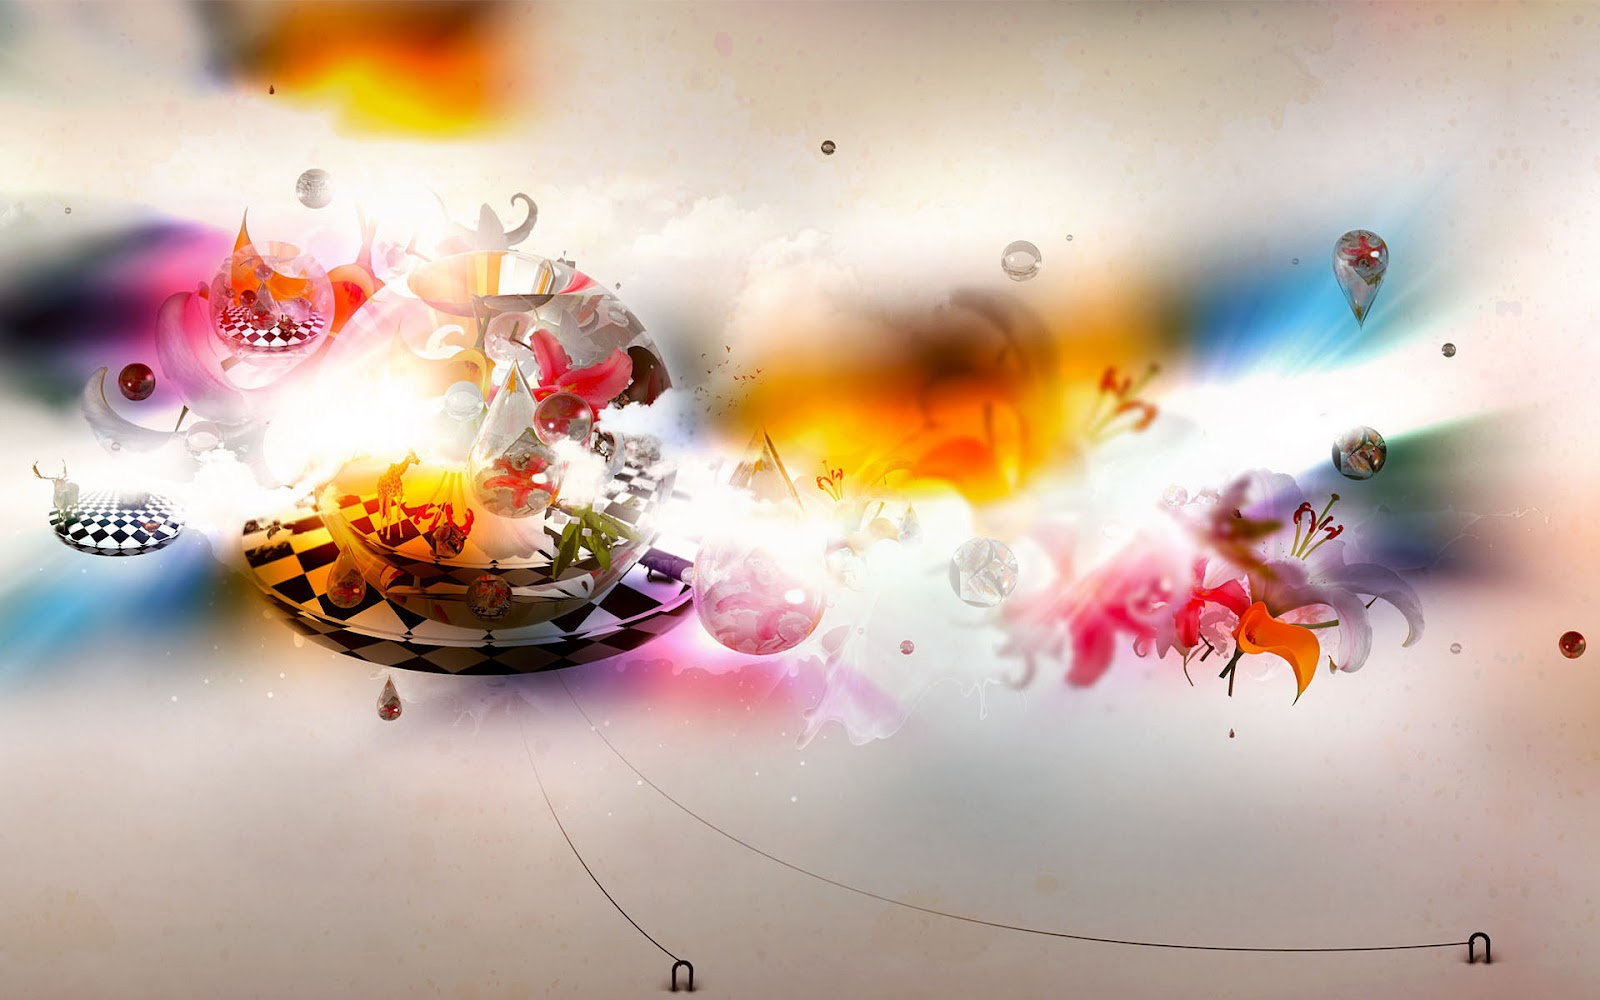 magical world s 3d wallpaper - photo #6